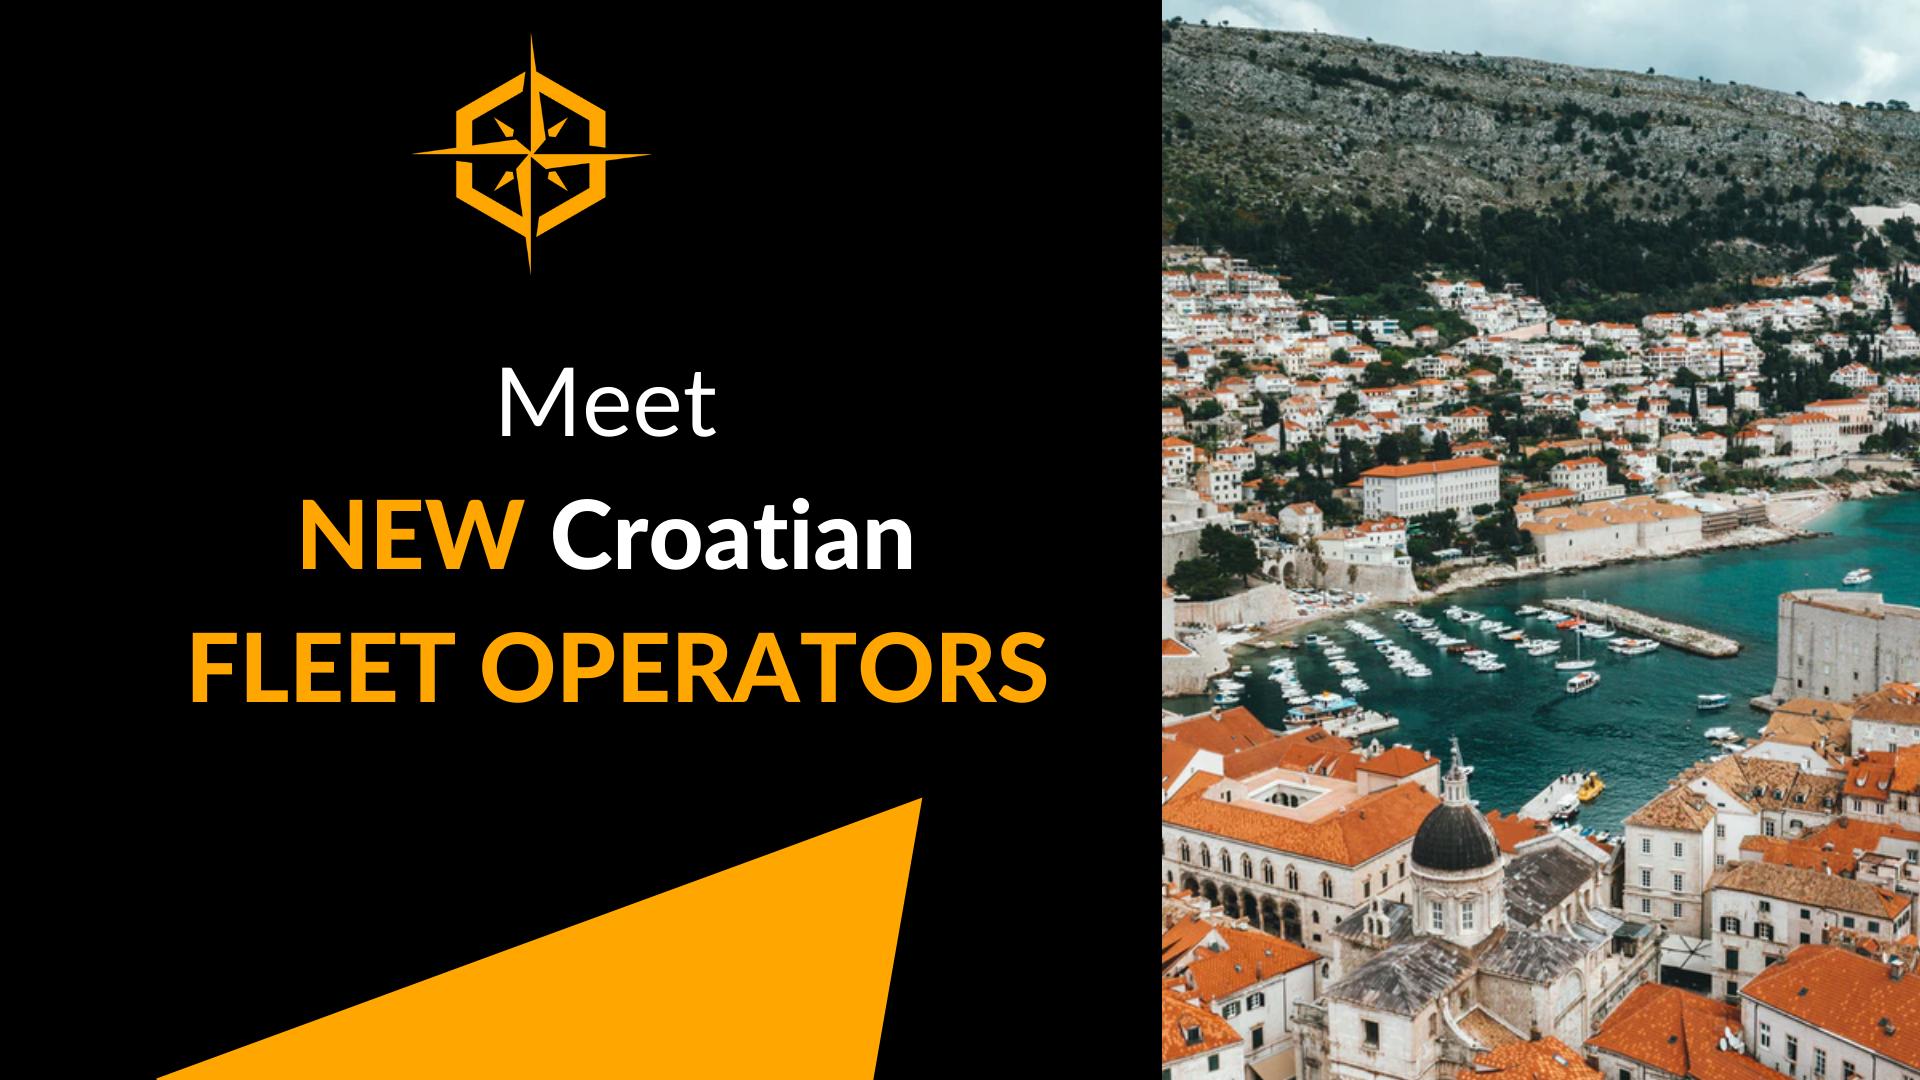 meet new Croatian fleet operators